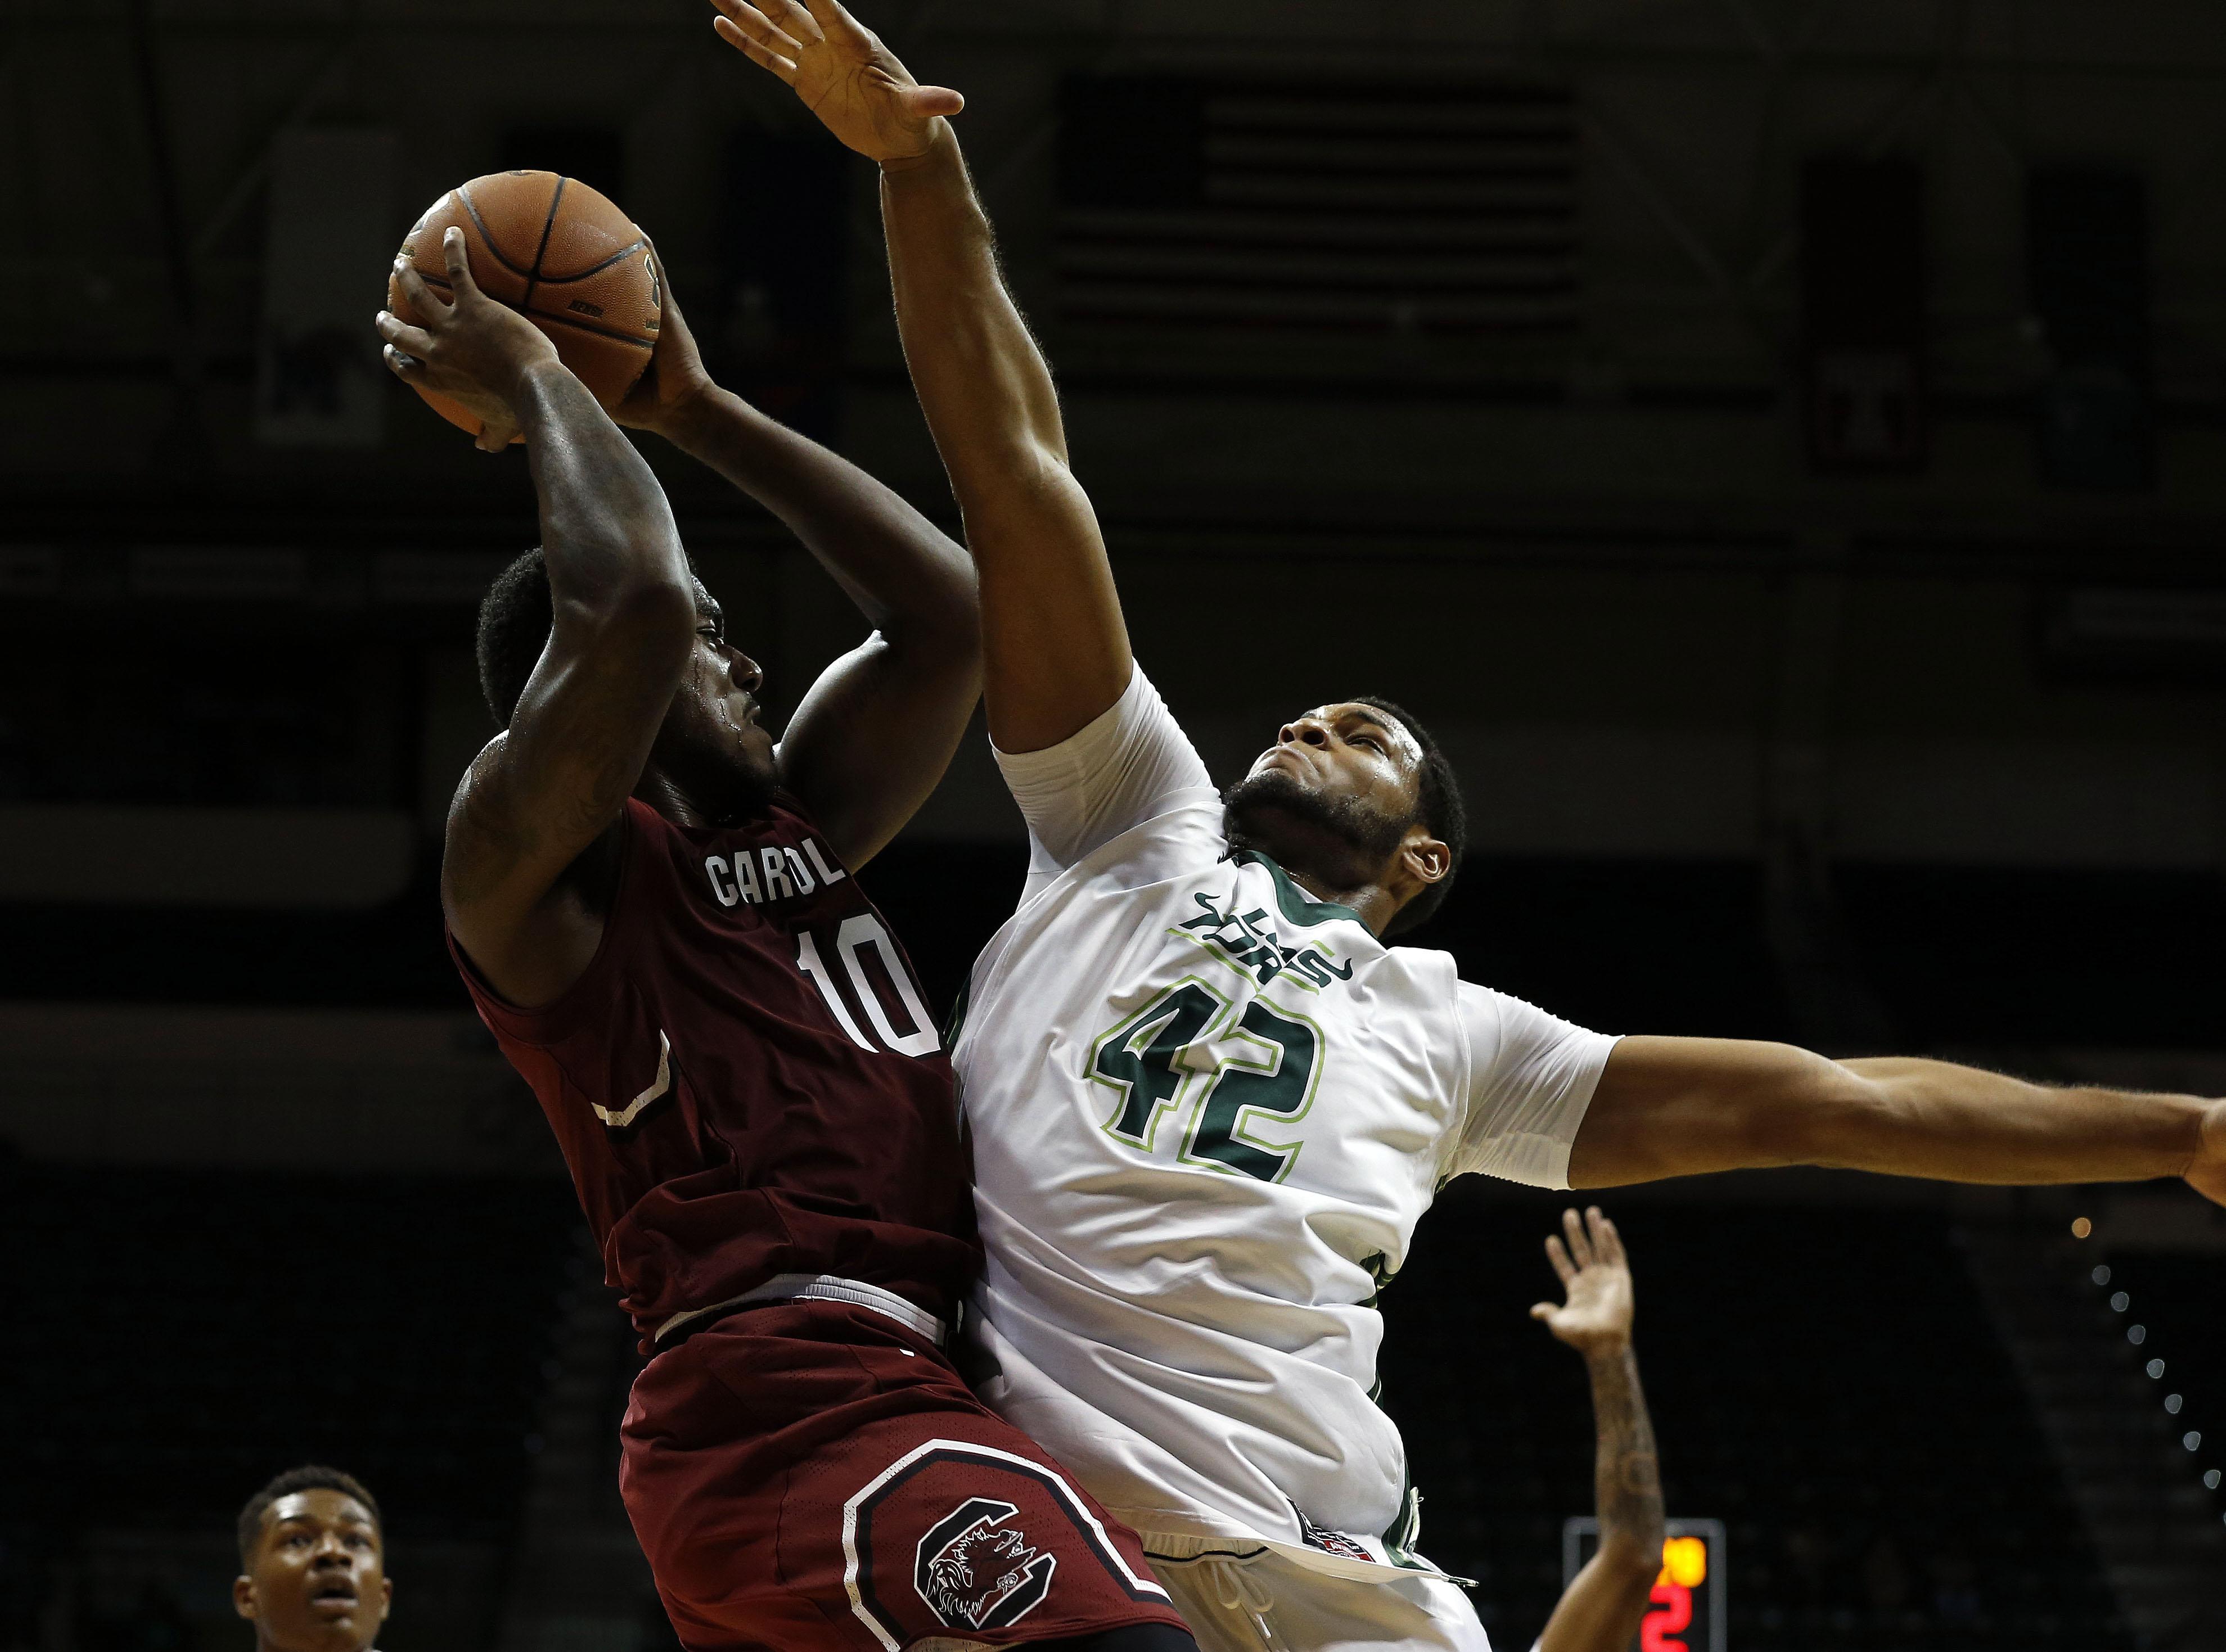 9750980-ncaa-basketball-south-carolina-at-south-florida